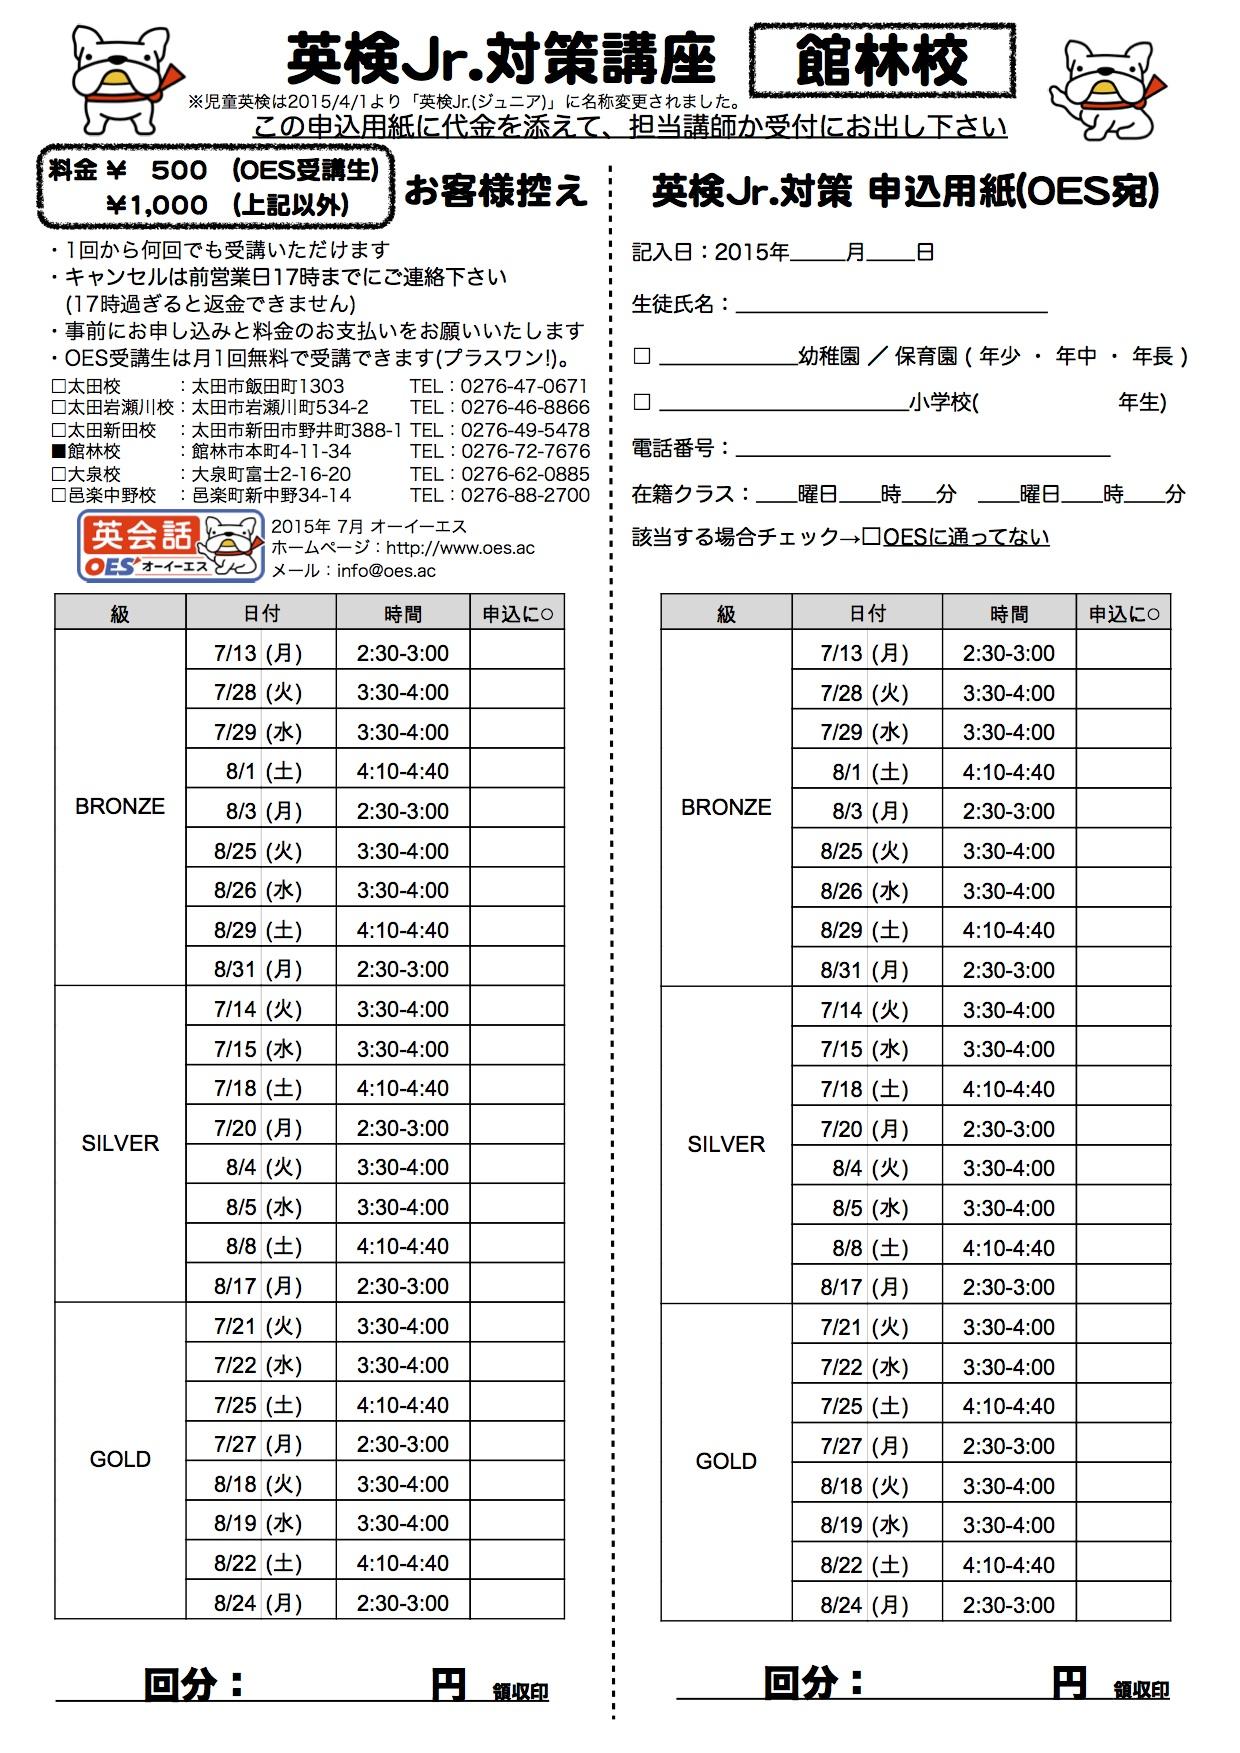 申込用紙 2015-2 館林校 7,8月分